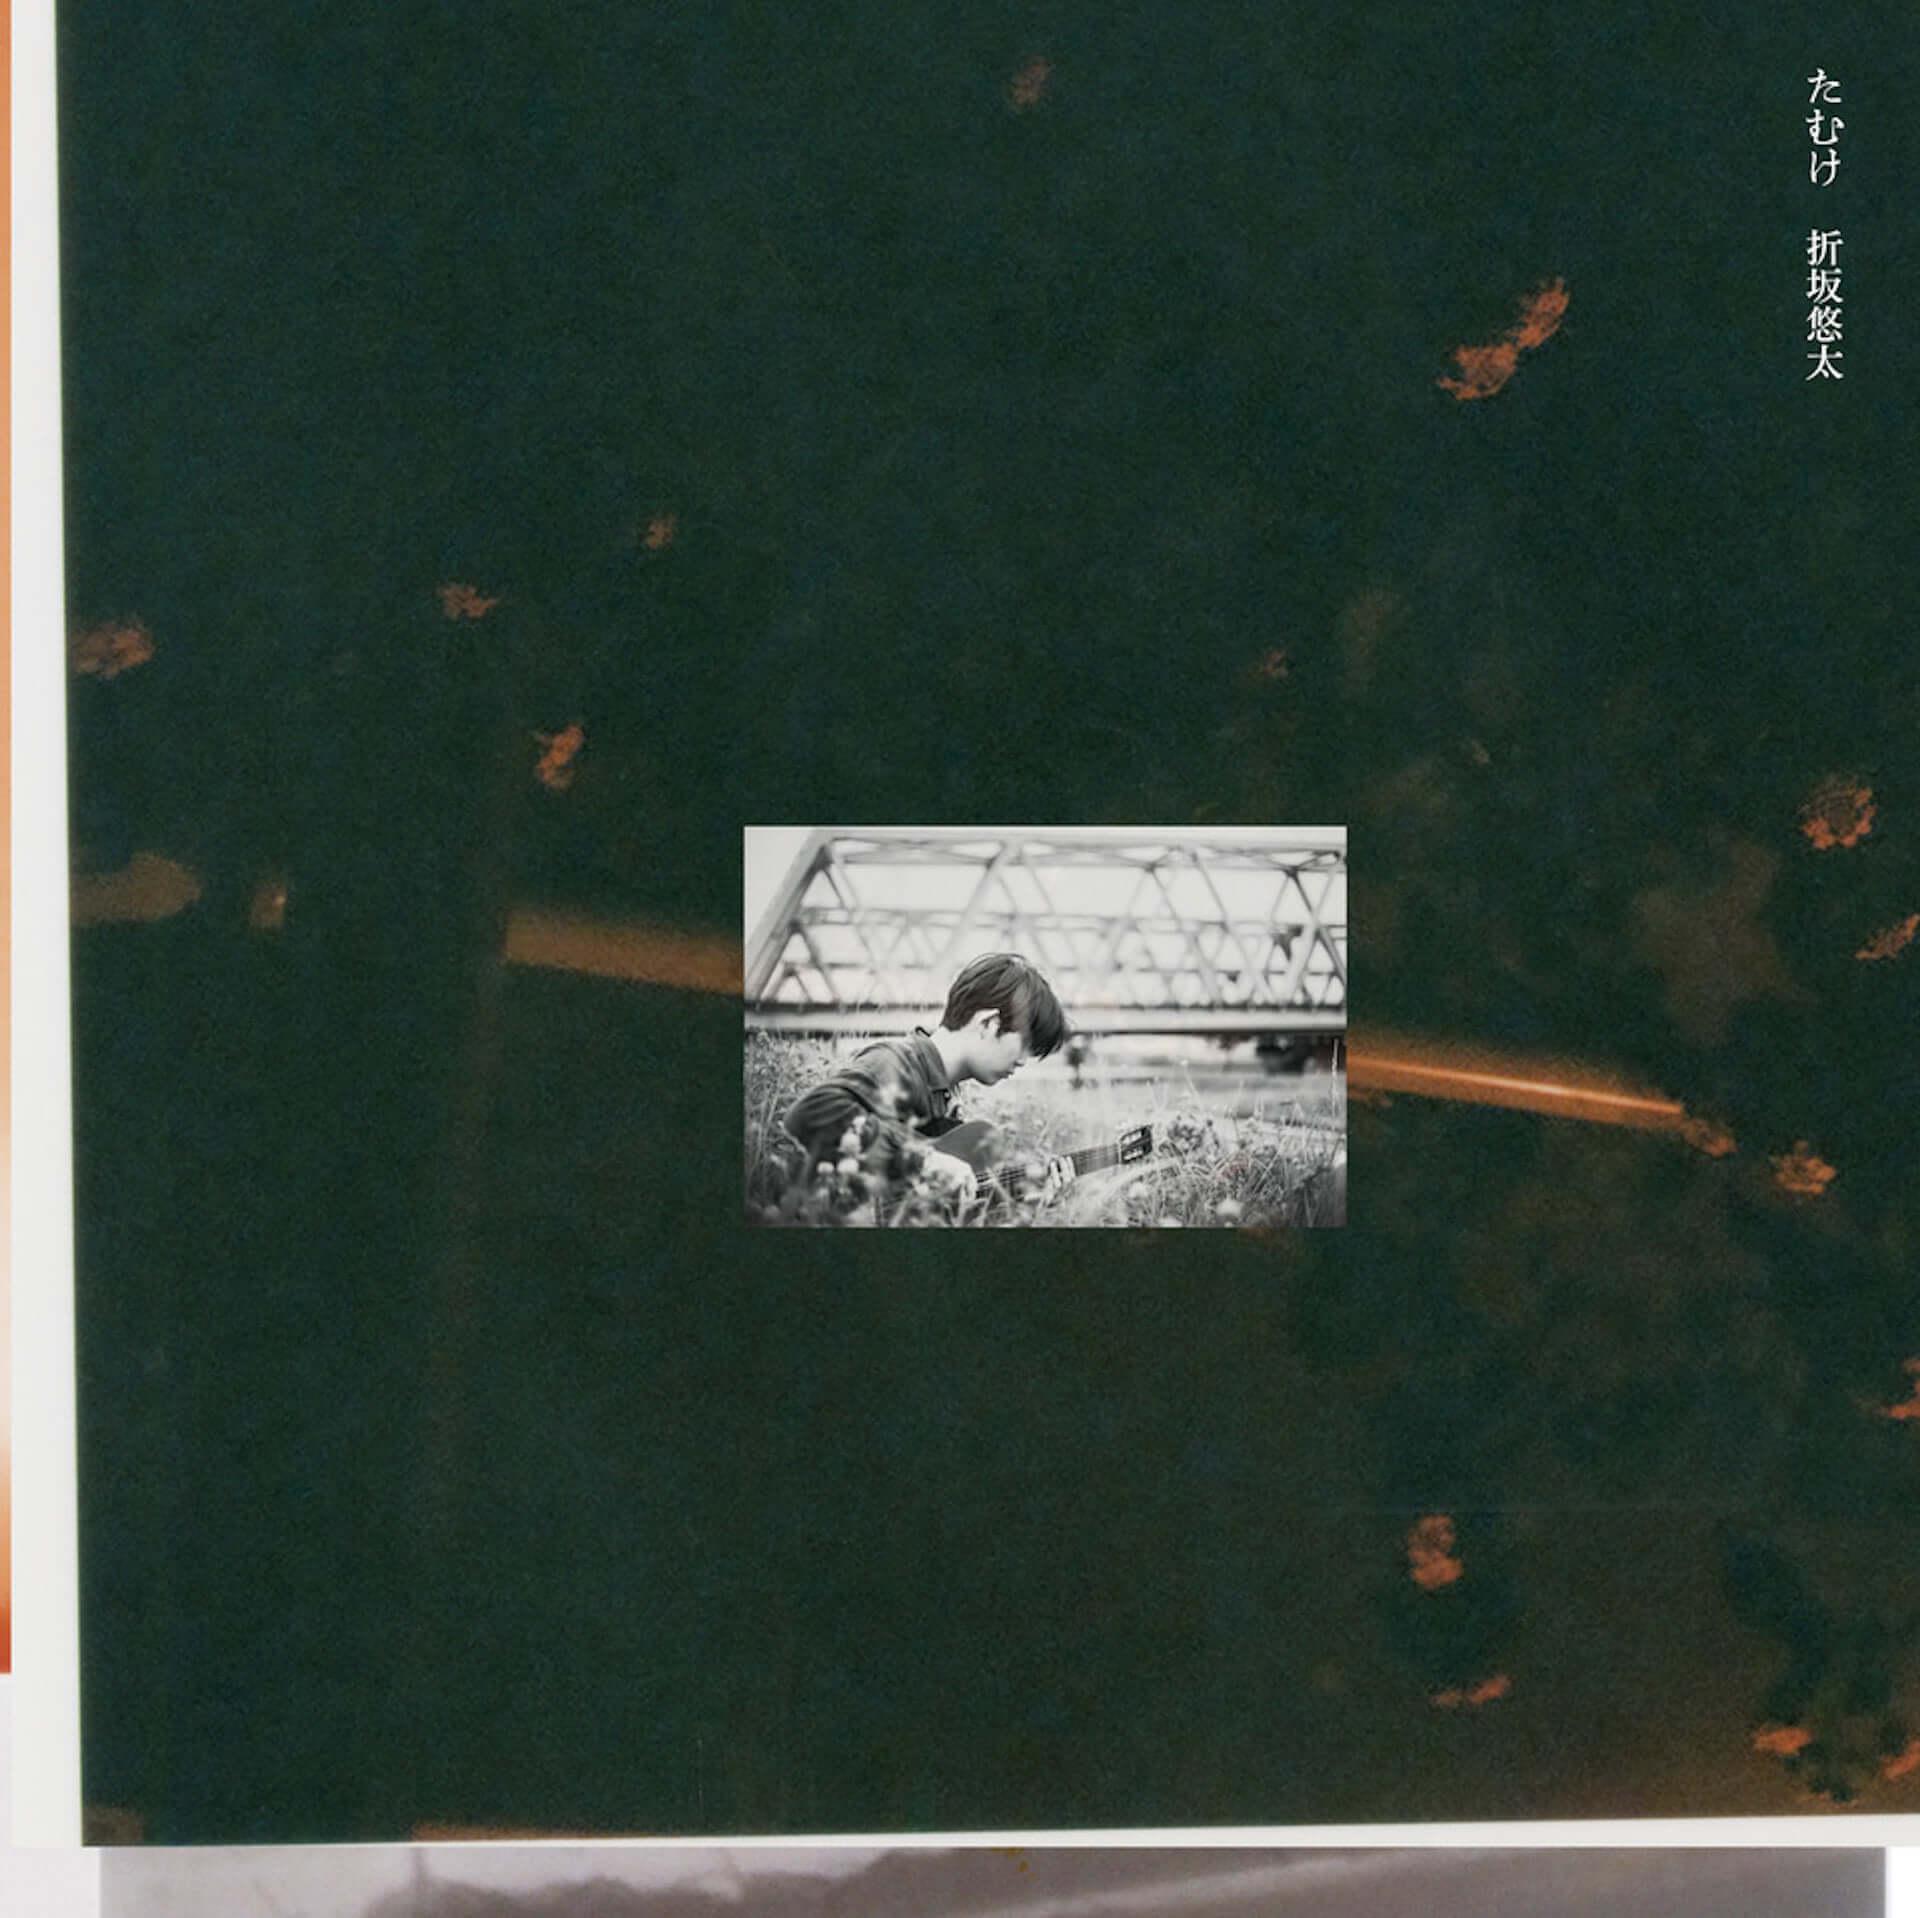 折坂悠太の自主制作作品『あけぼの』と『たむけ』がアナログ盤で発売決定!刷新されたデザインにも注目 music200929_orisakayuta_7-1920x1918